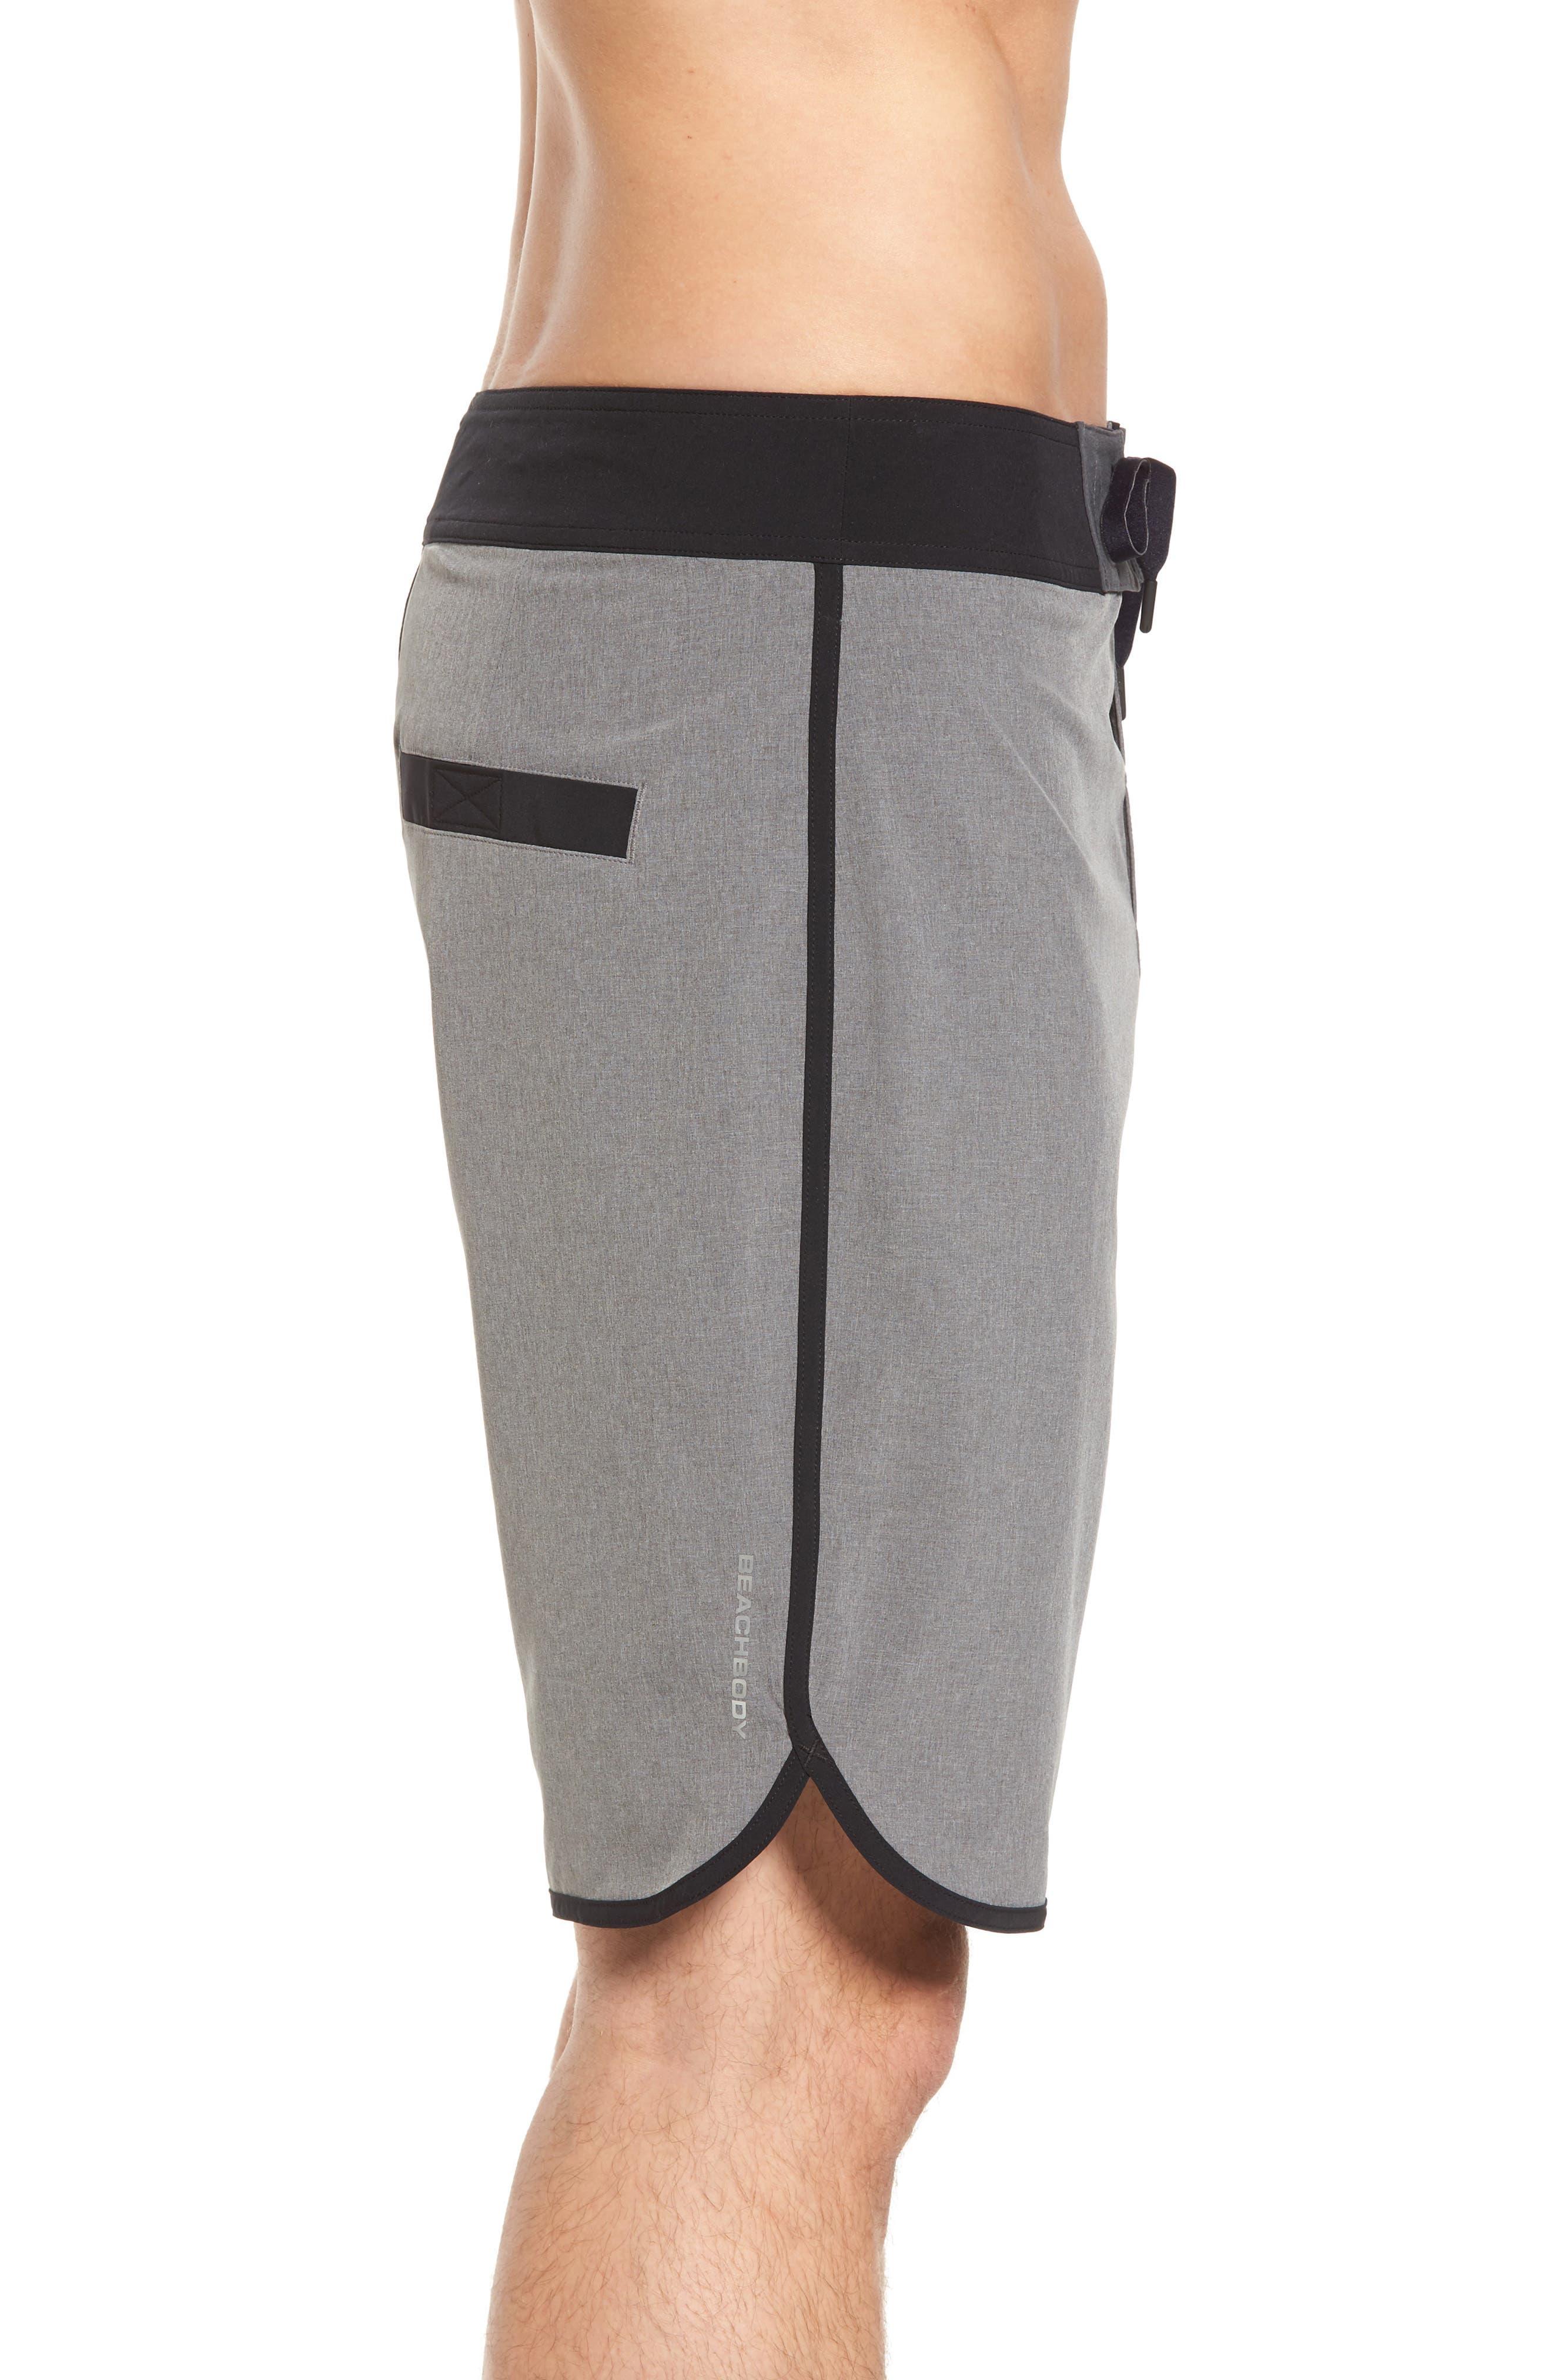 Alternate Image 3  - Beachbody Flex Hybrid Athletic Shorts